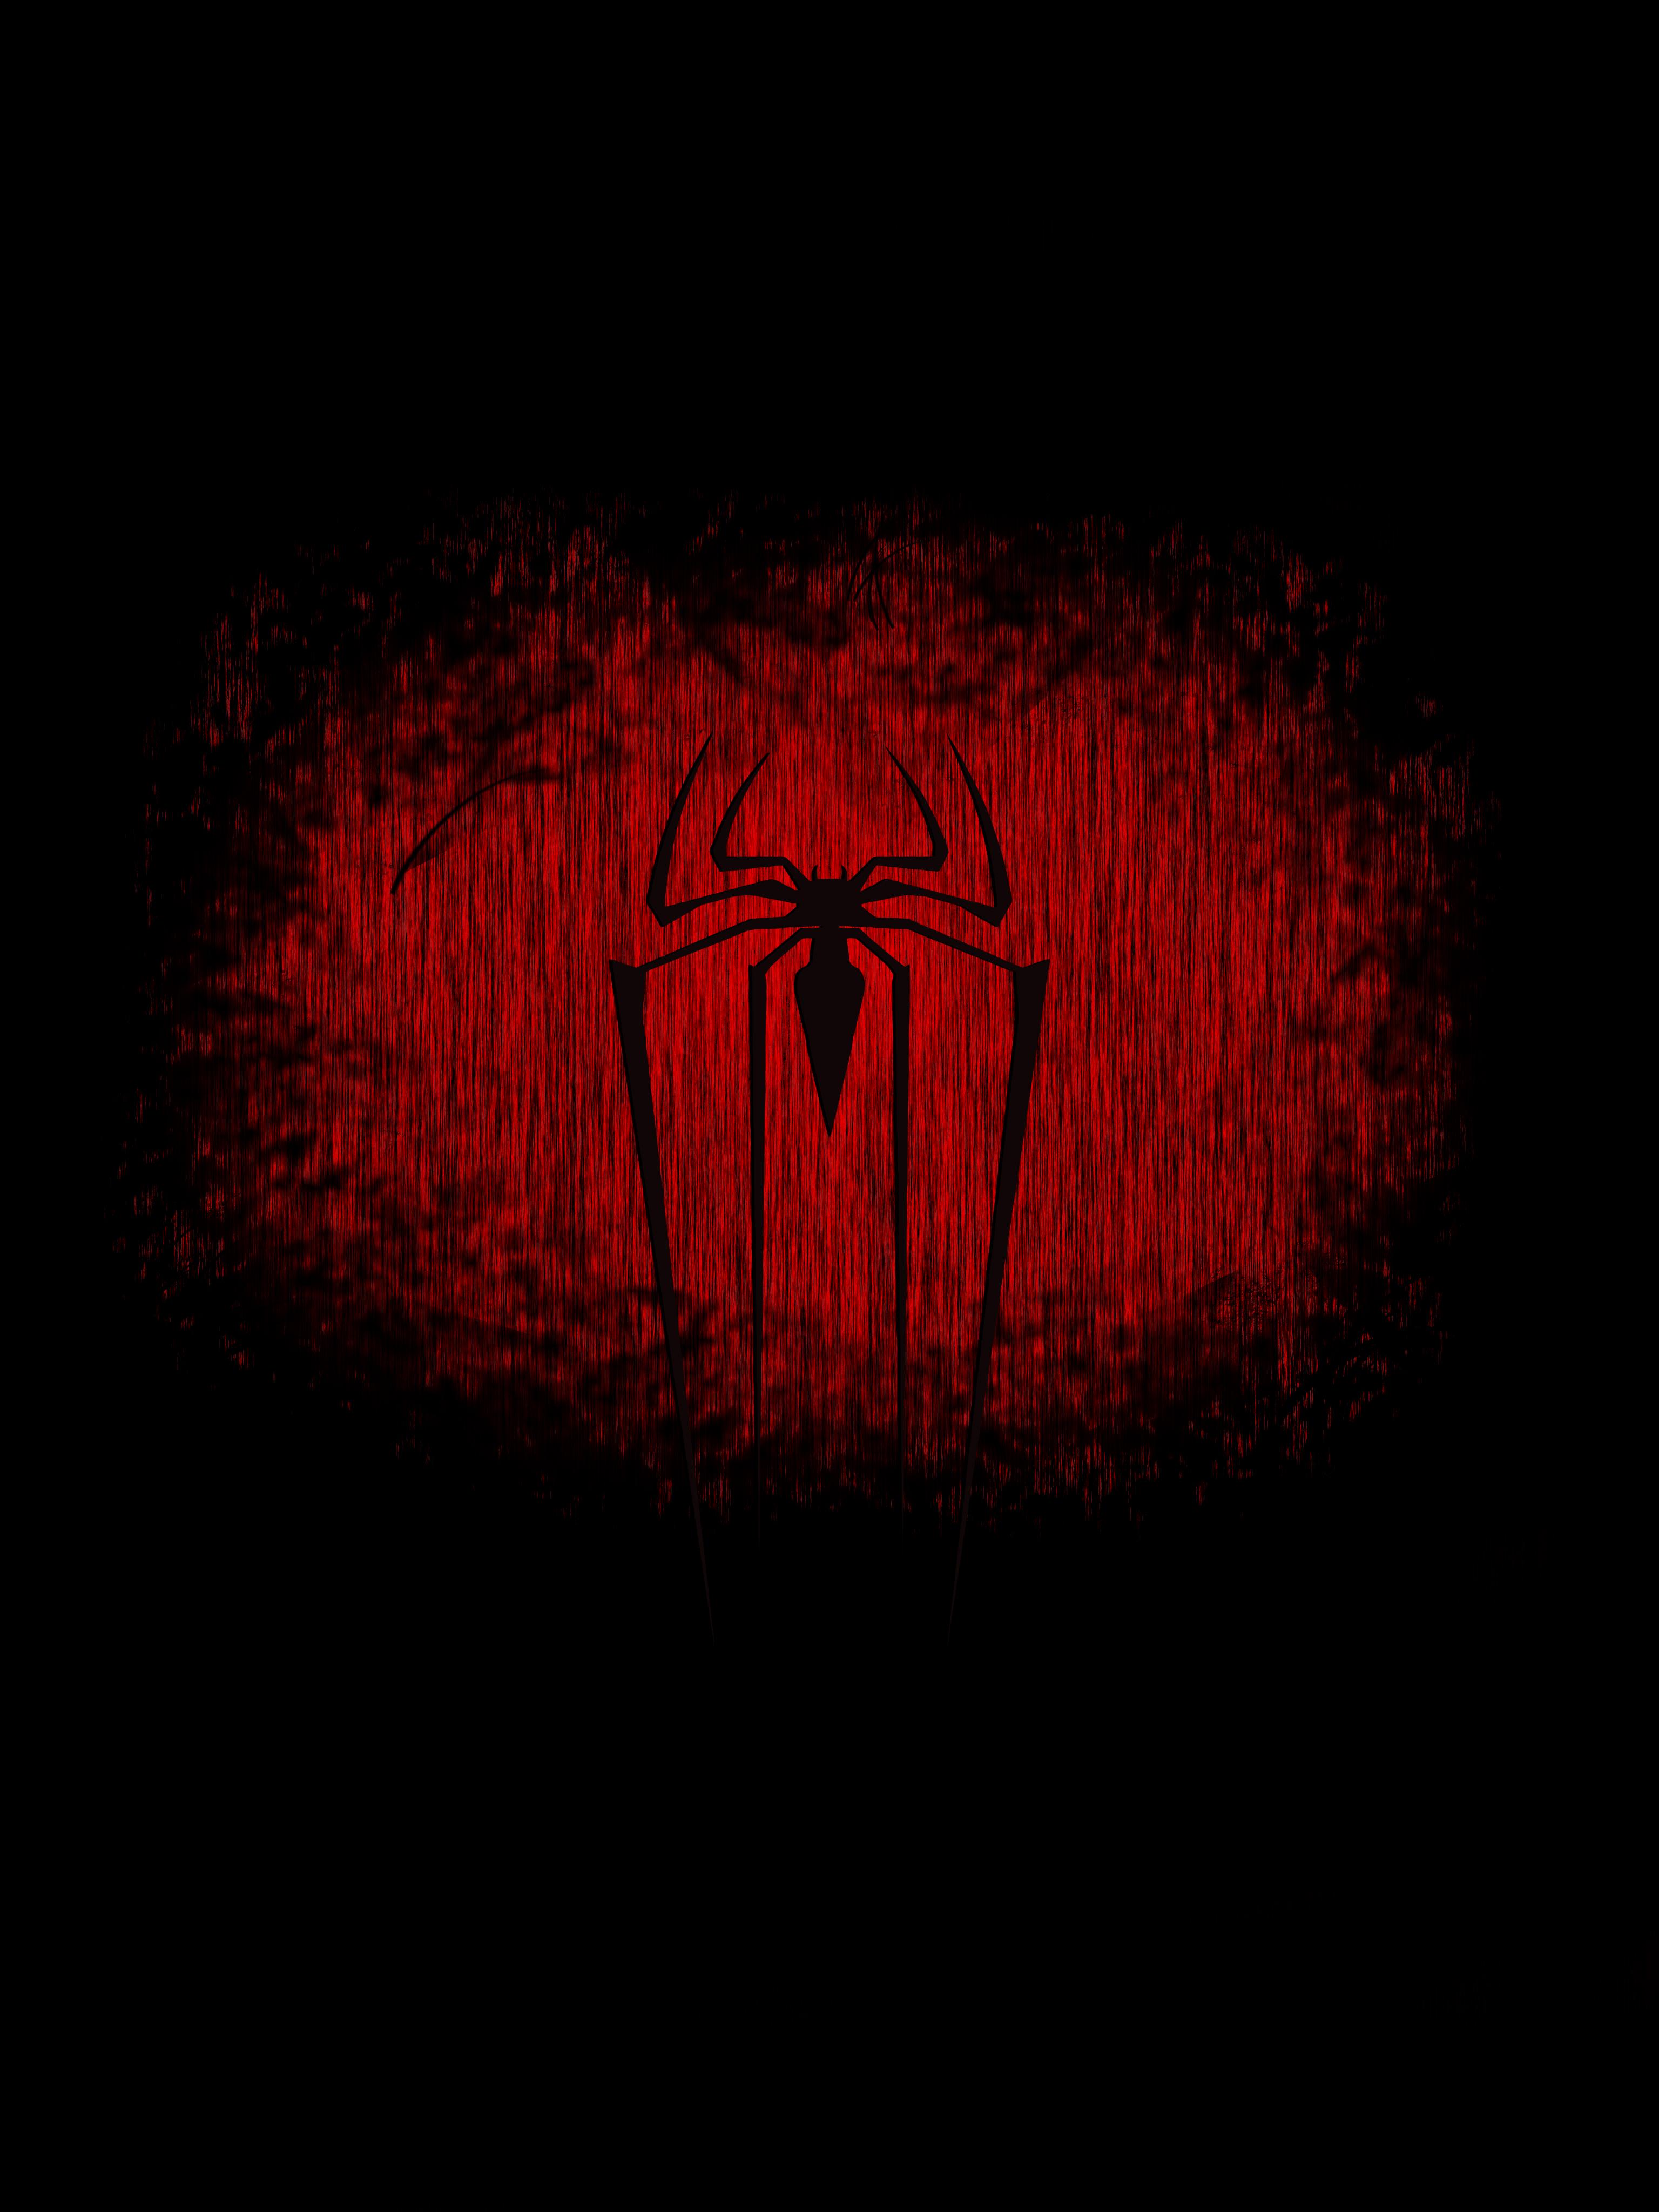 hd spiderman logo wallpaper wallpapersafari